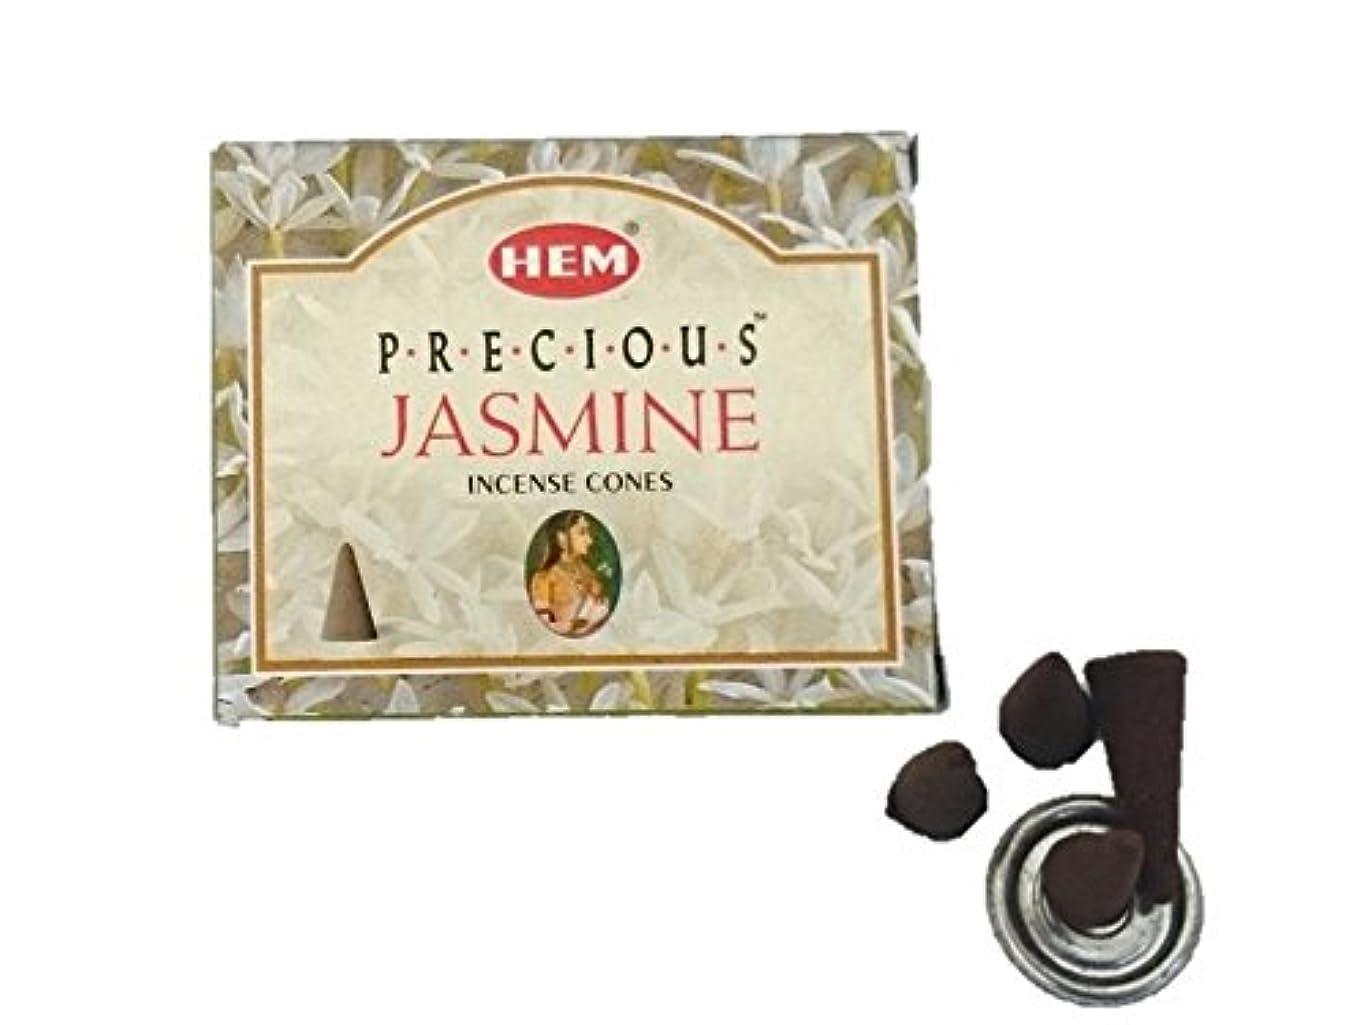 グラム宣伝レインコートHEM(ヘム)お香 プレシャス ジャスミン コーン 1箱